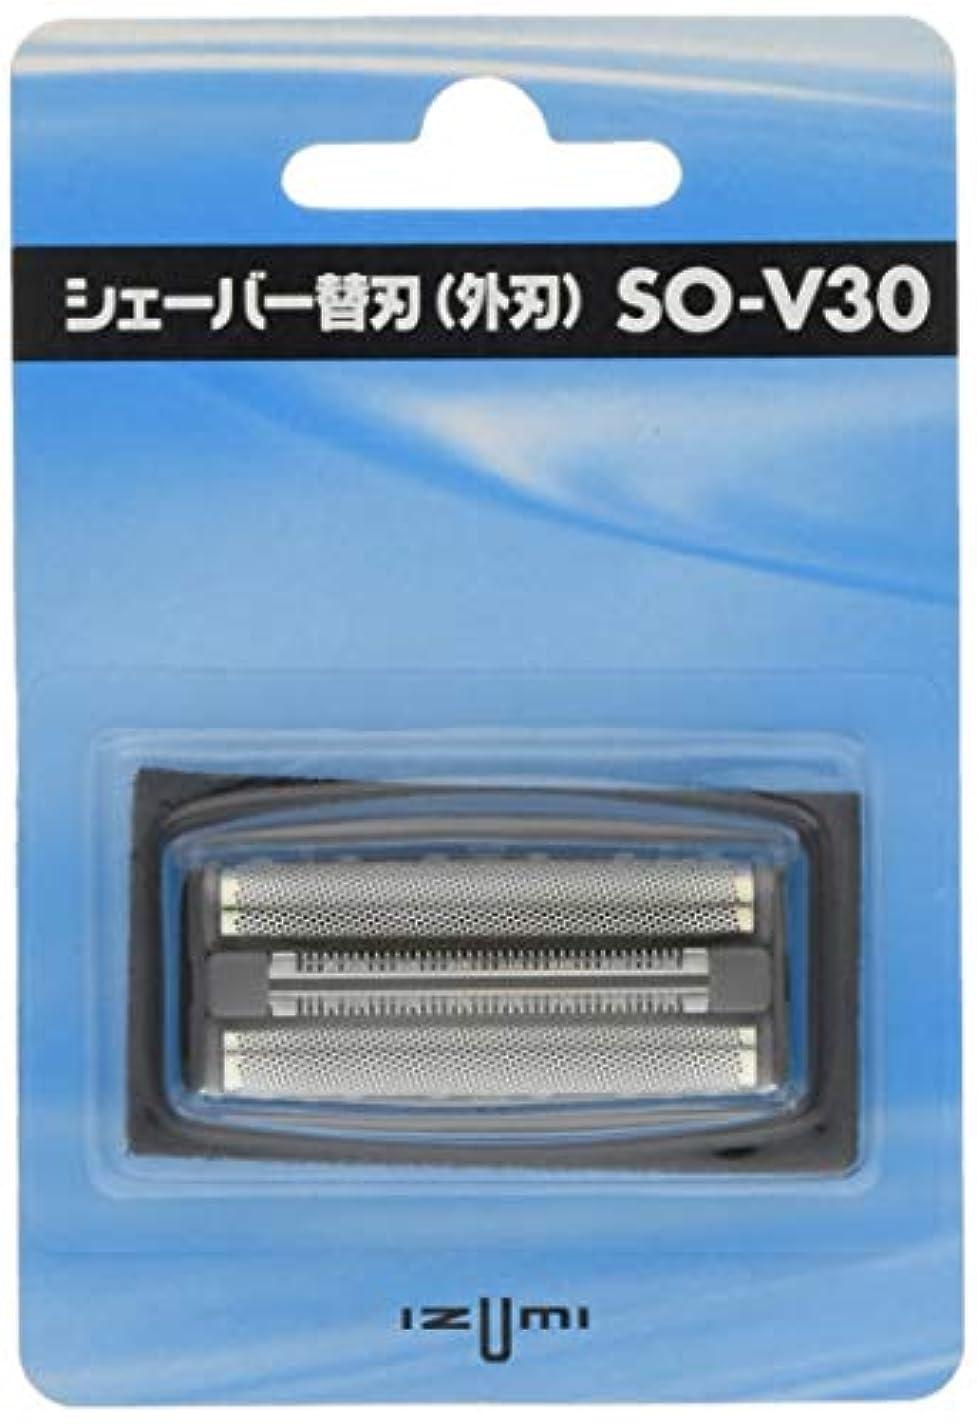 圧倒的日食東泉精器製作所 メンズシェーバー シェーバー用替刃(外刃) SO-V30